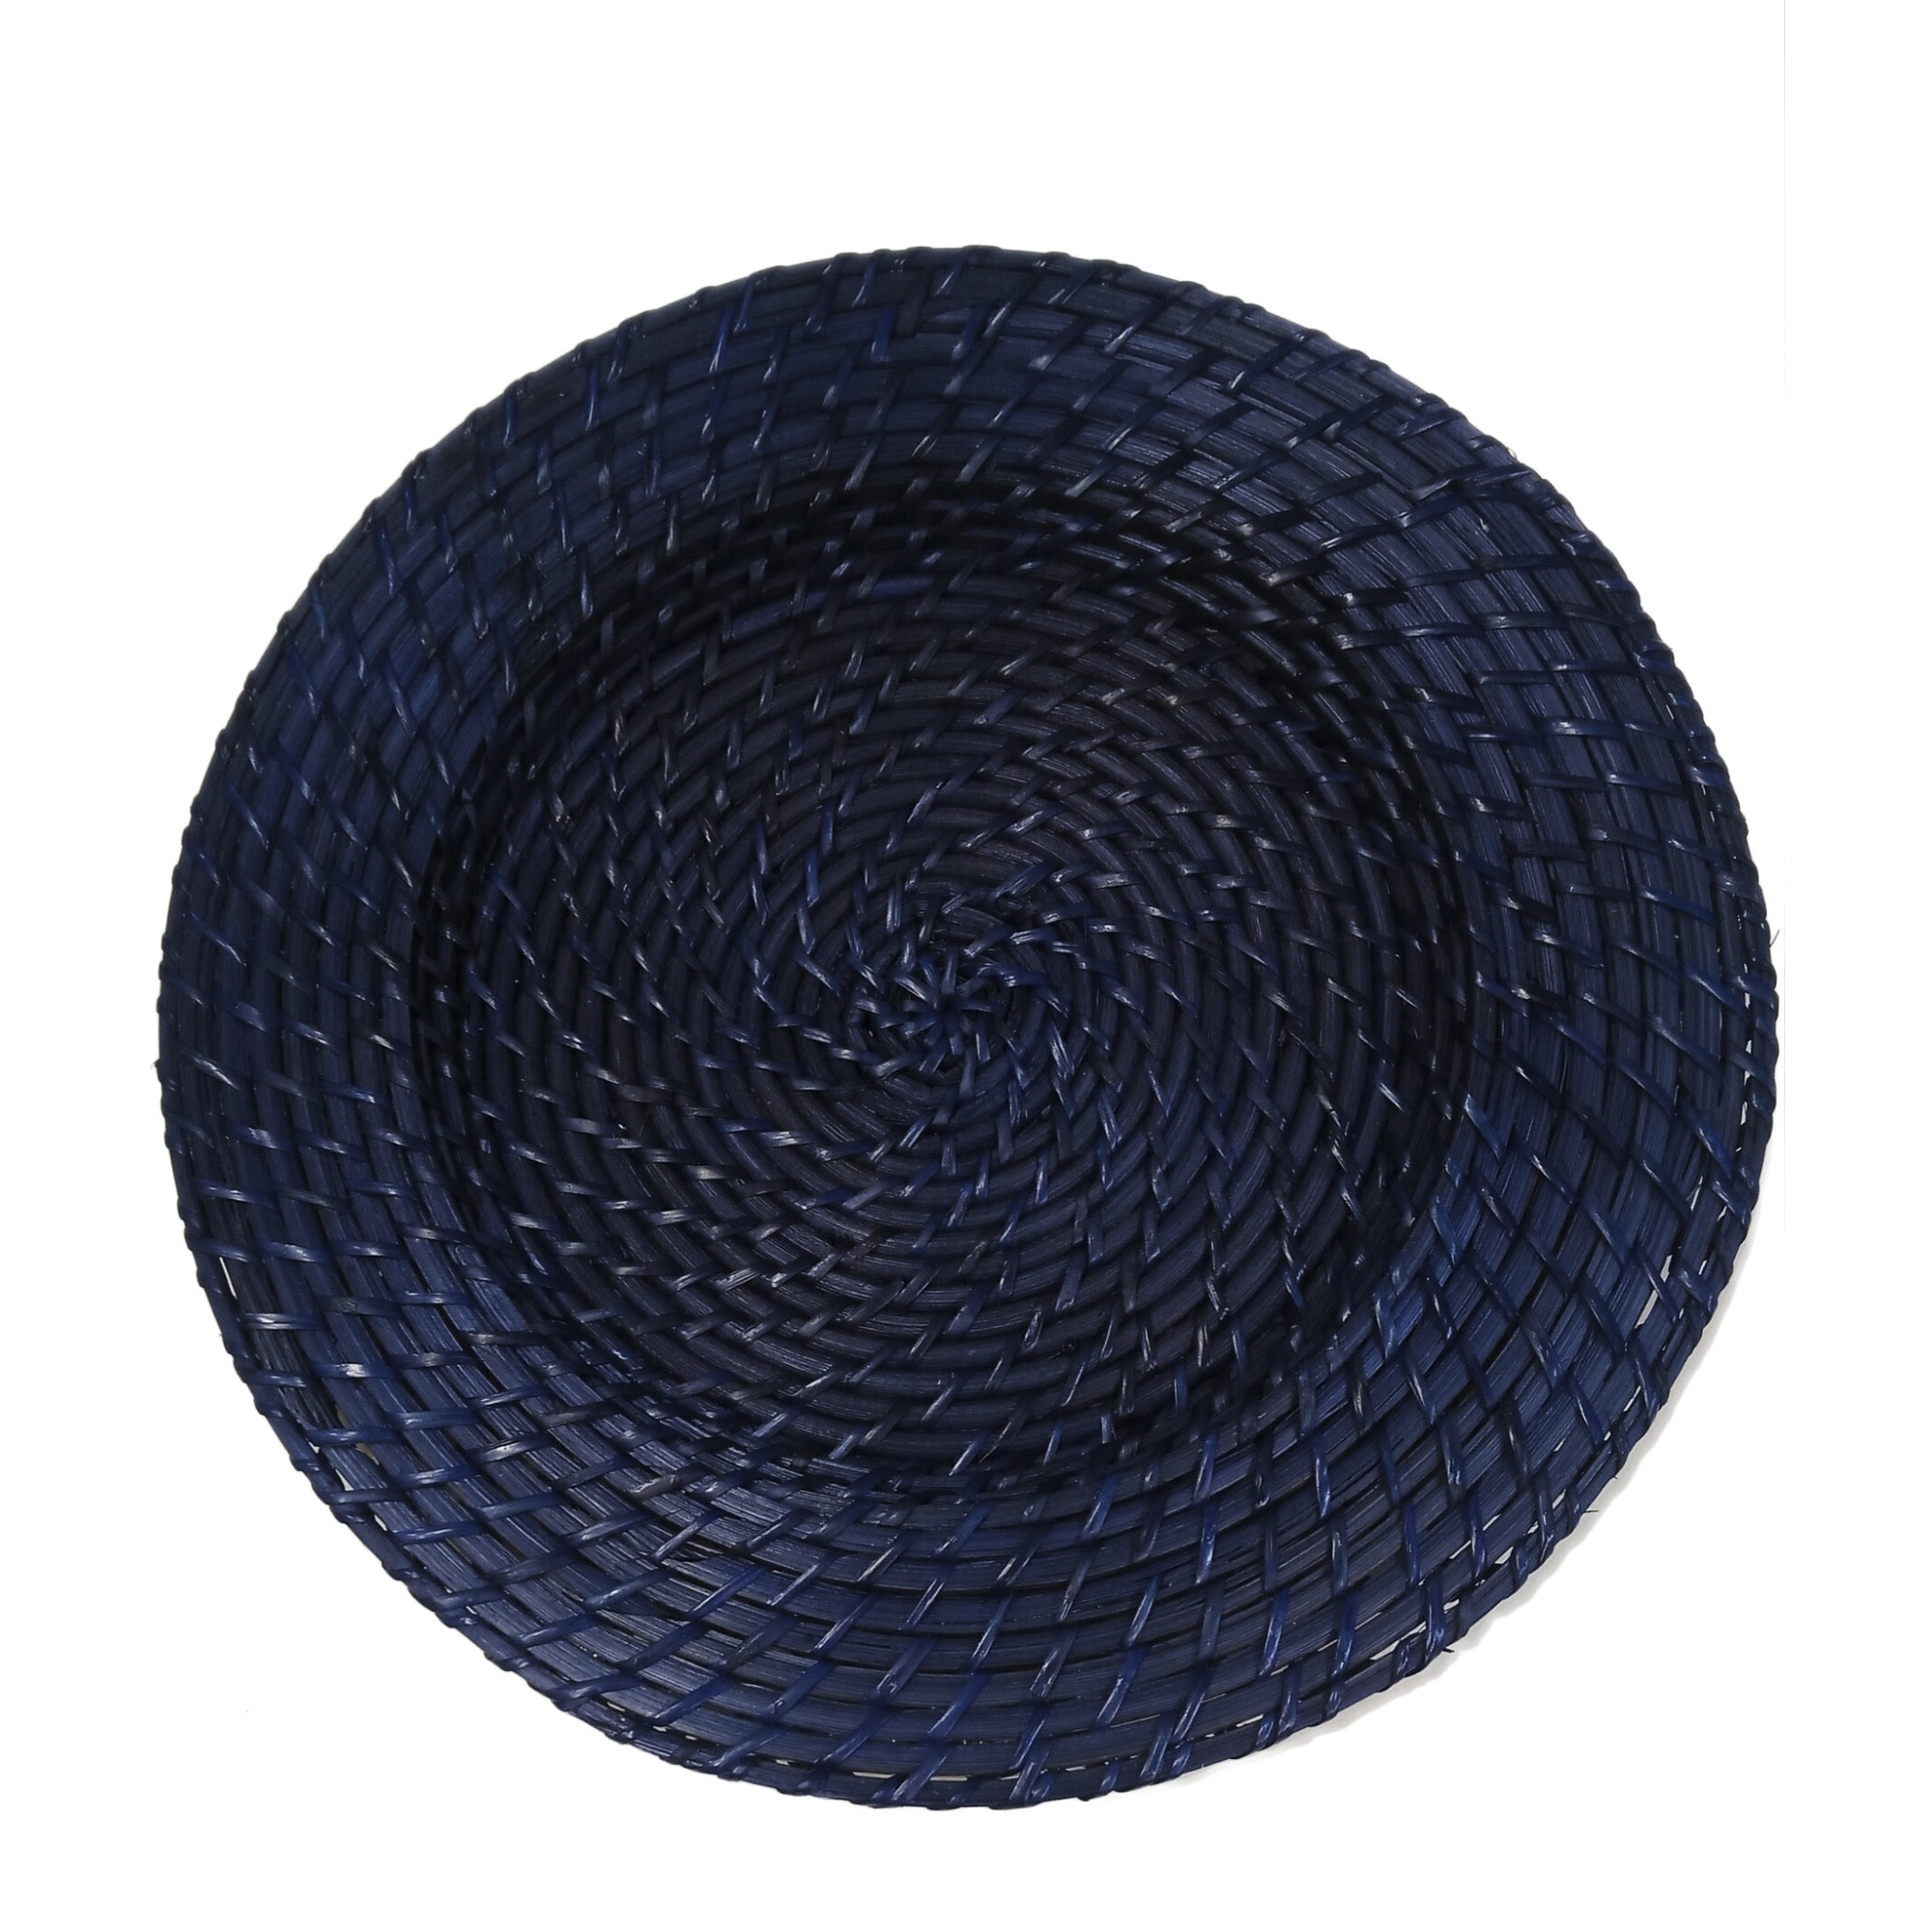 Sousplat Redondo Rattan 32cm Azul Escuro - Casambiente